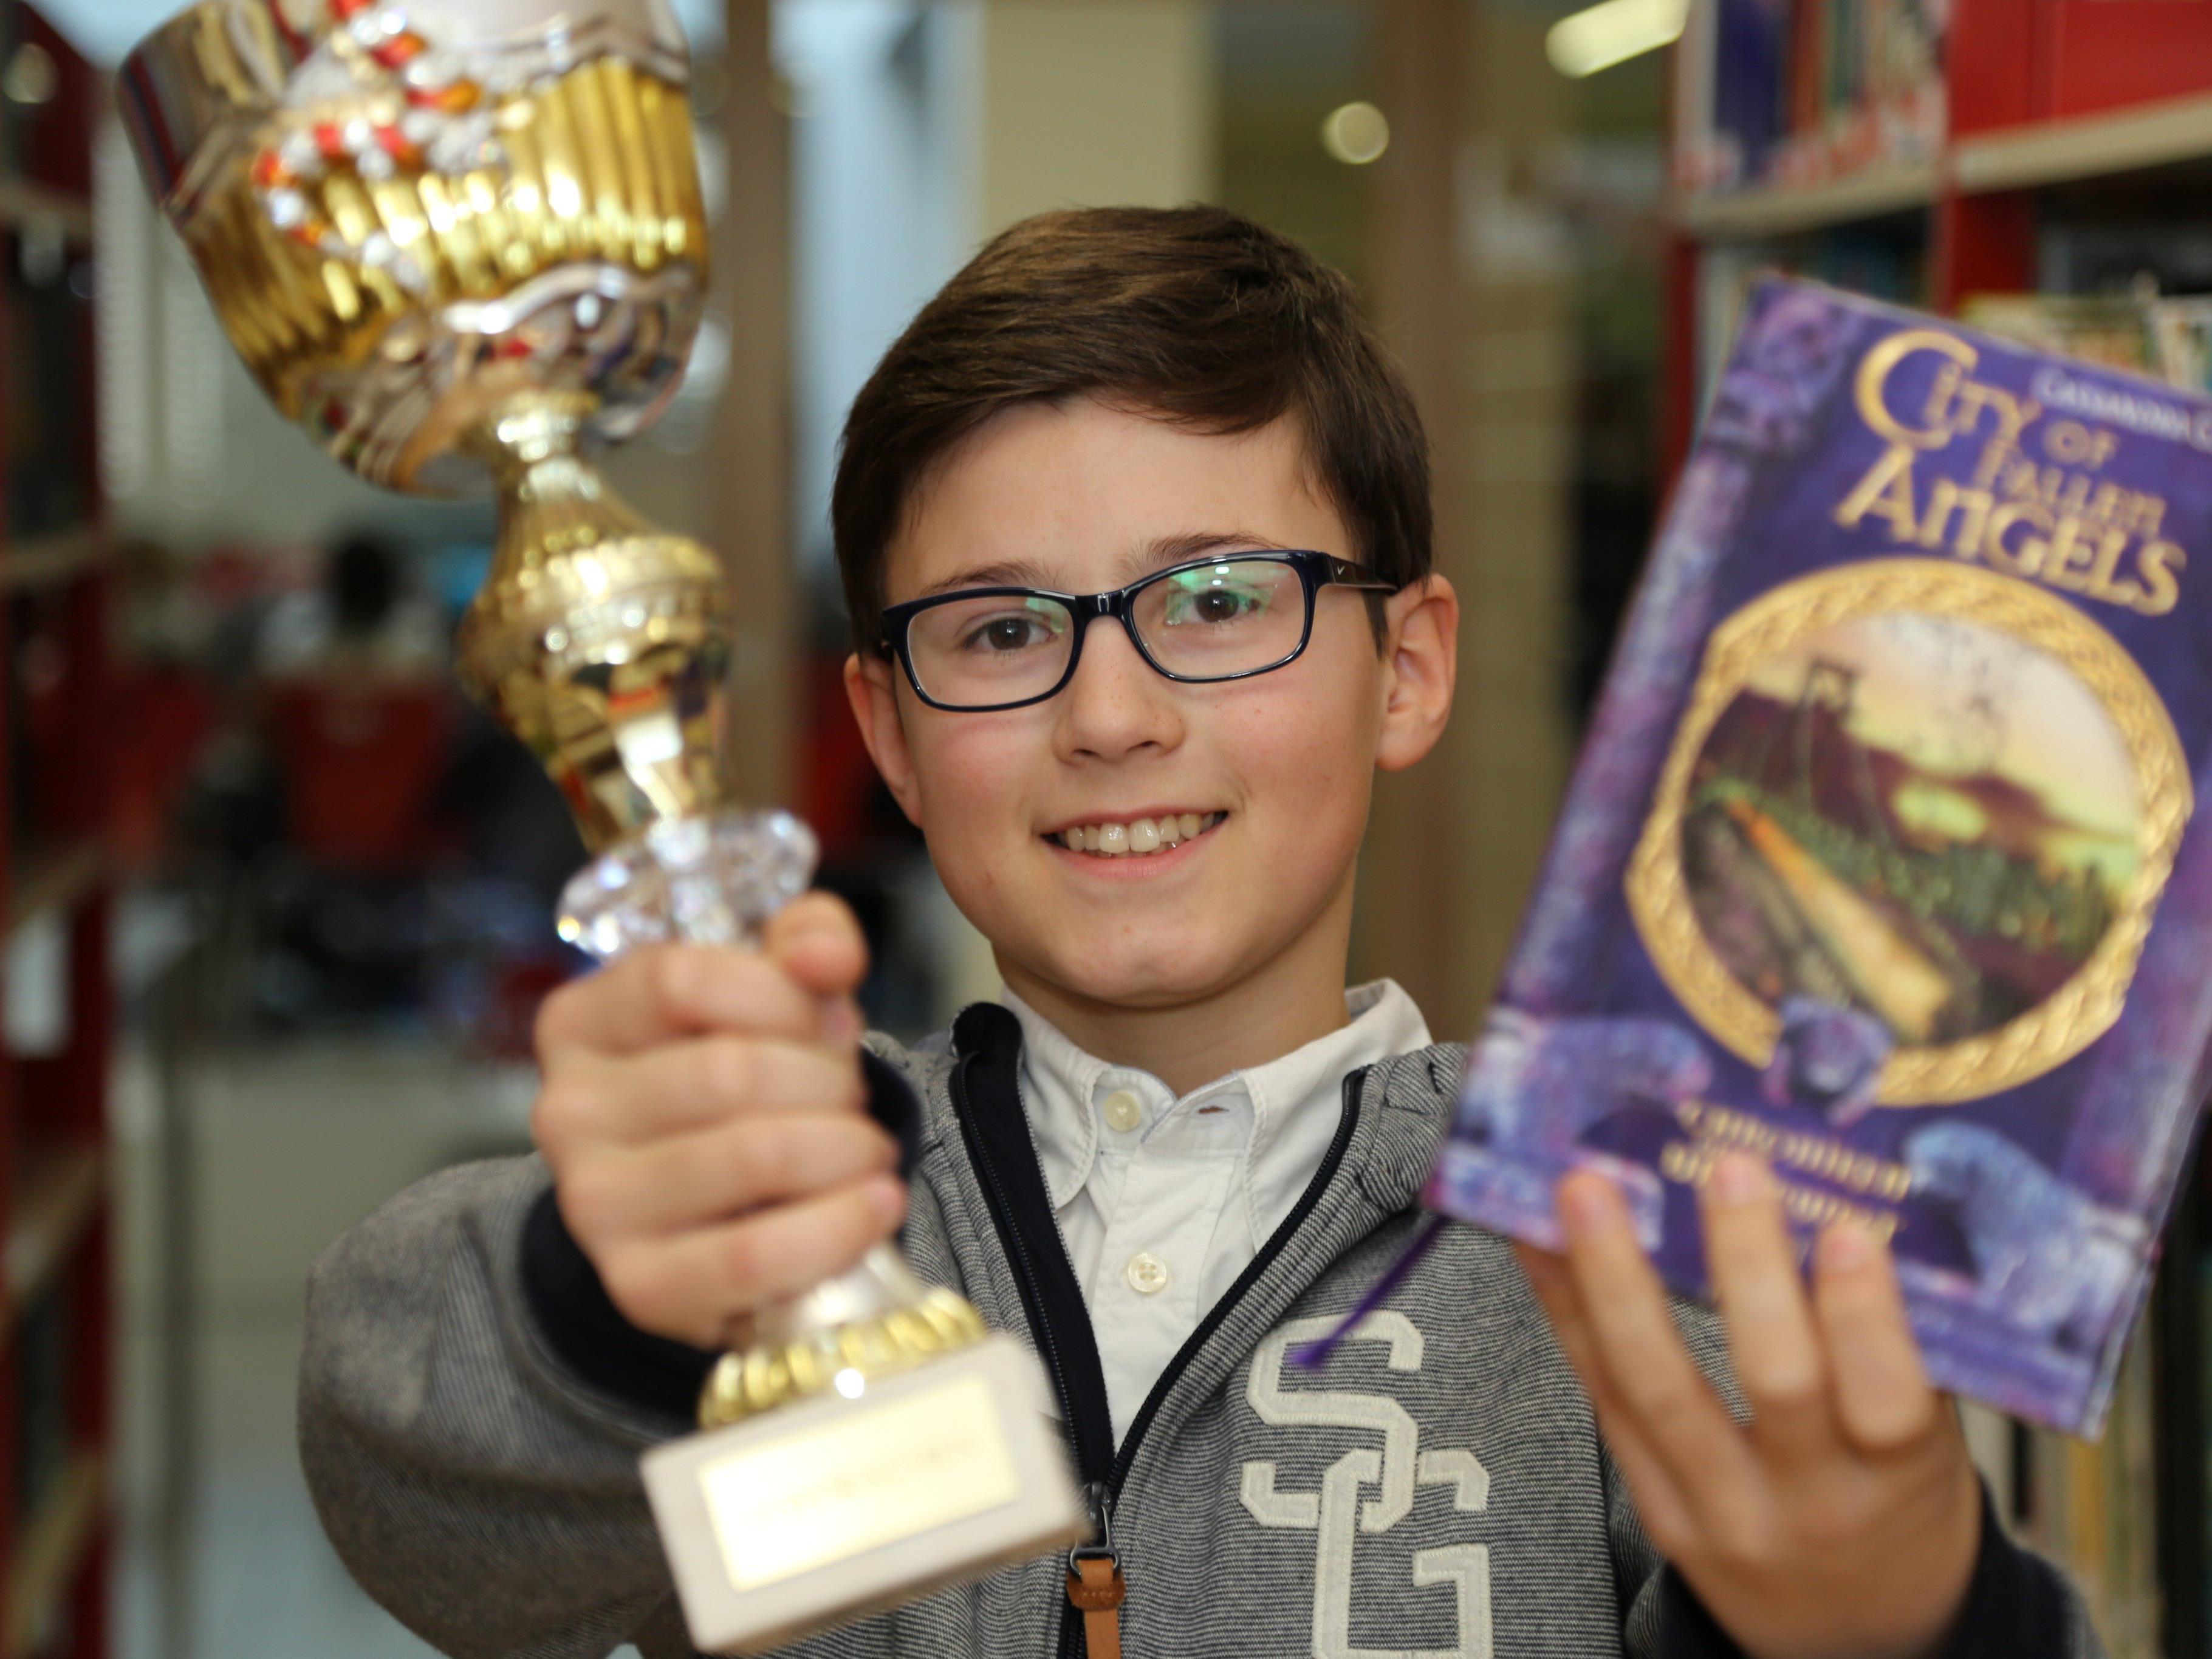 Emanuel Lins holte sich zum dritten Mal in Folge den ersten Platz des Lesewettbewerbs.